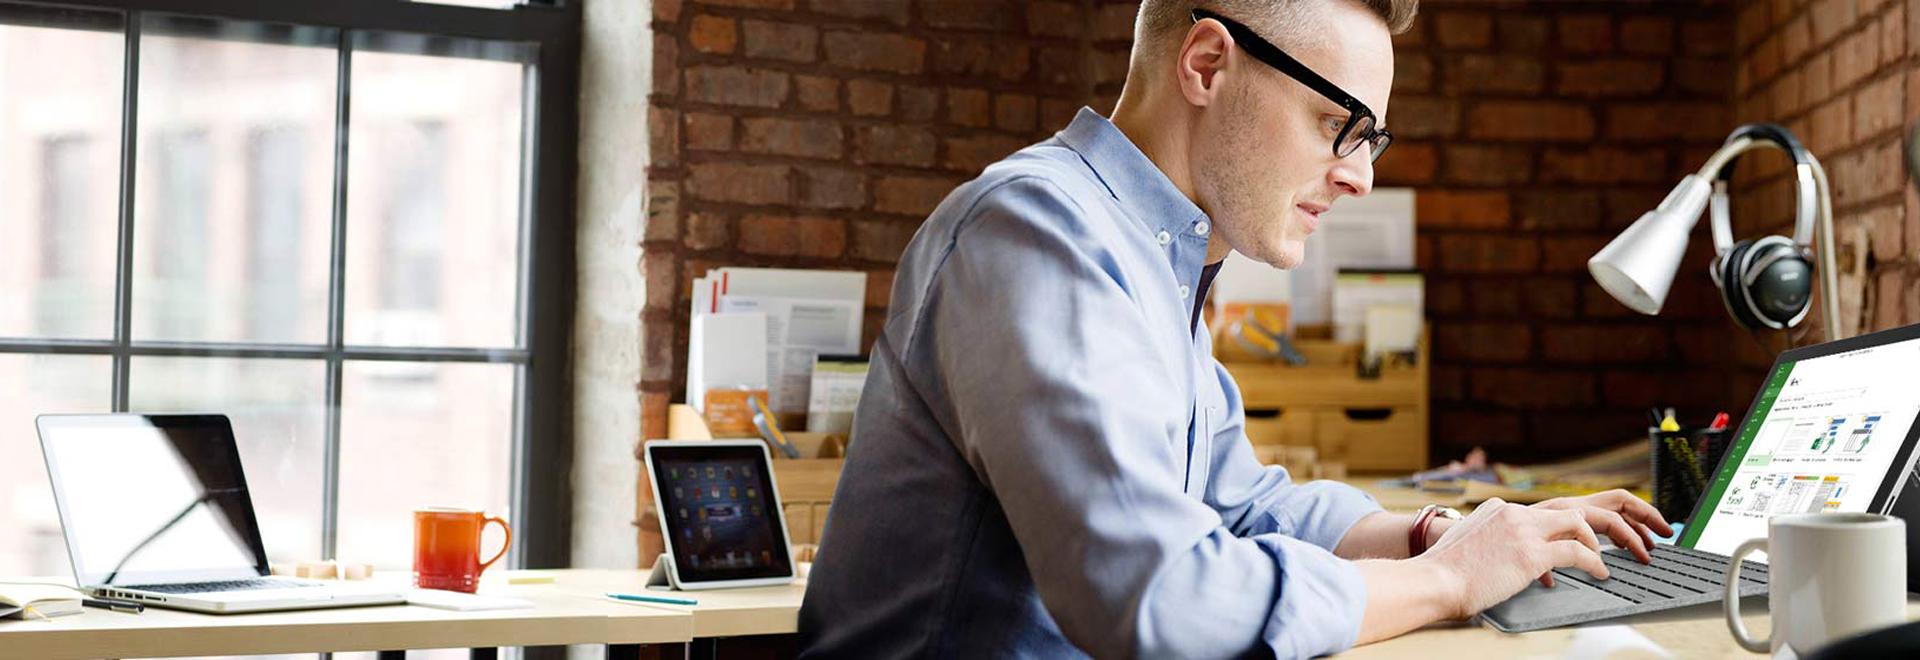 En mand siddende ved et skrivebord med en Surface-tablet med Microsoft Project.